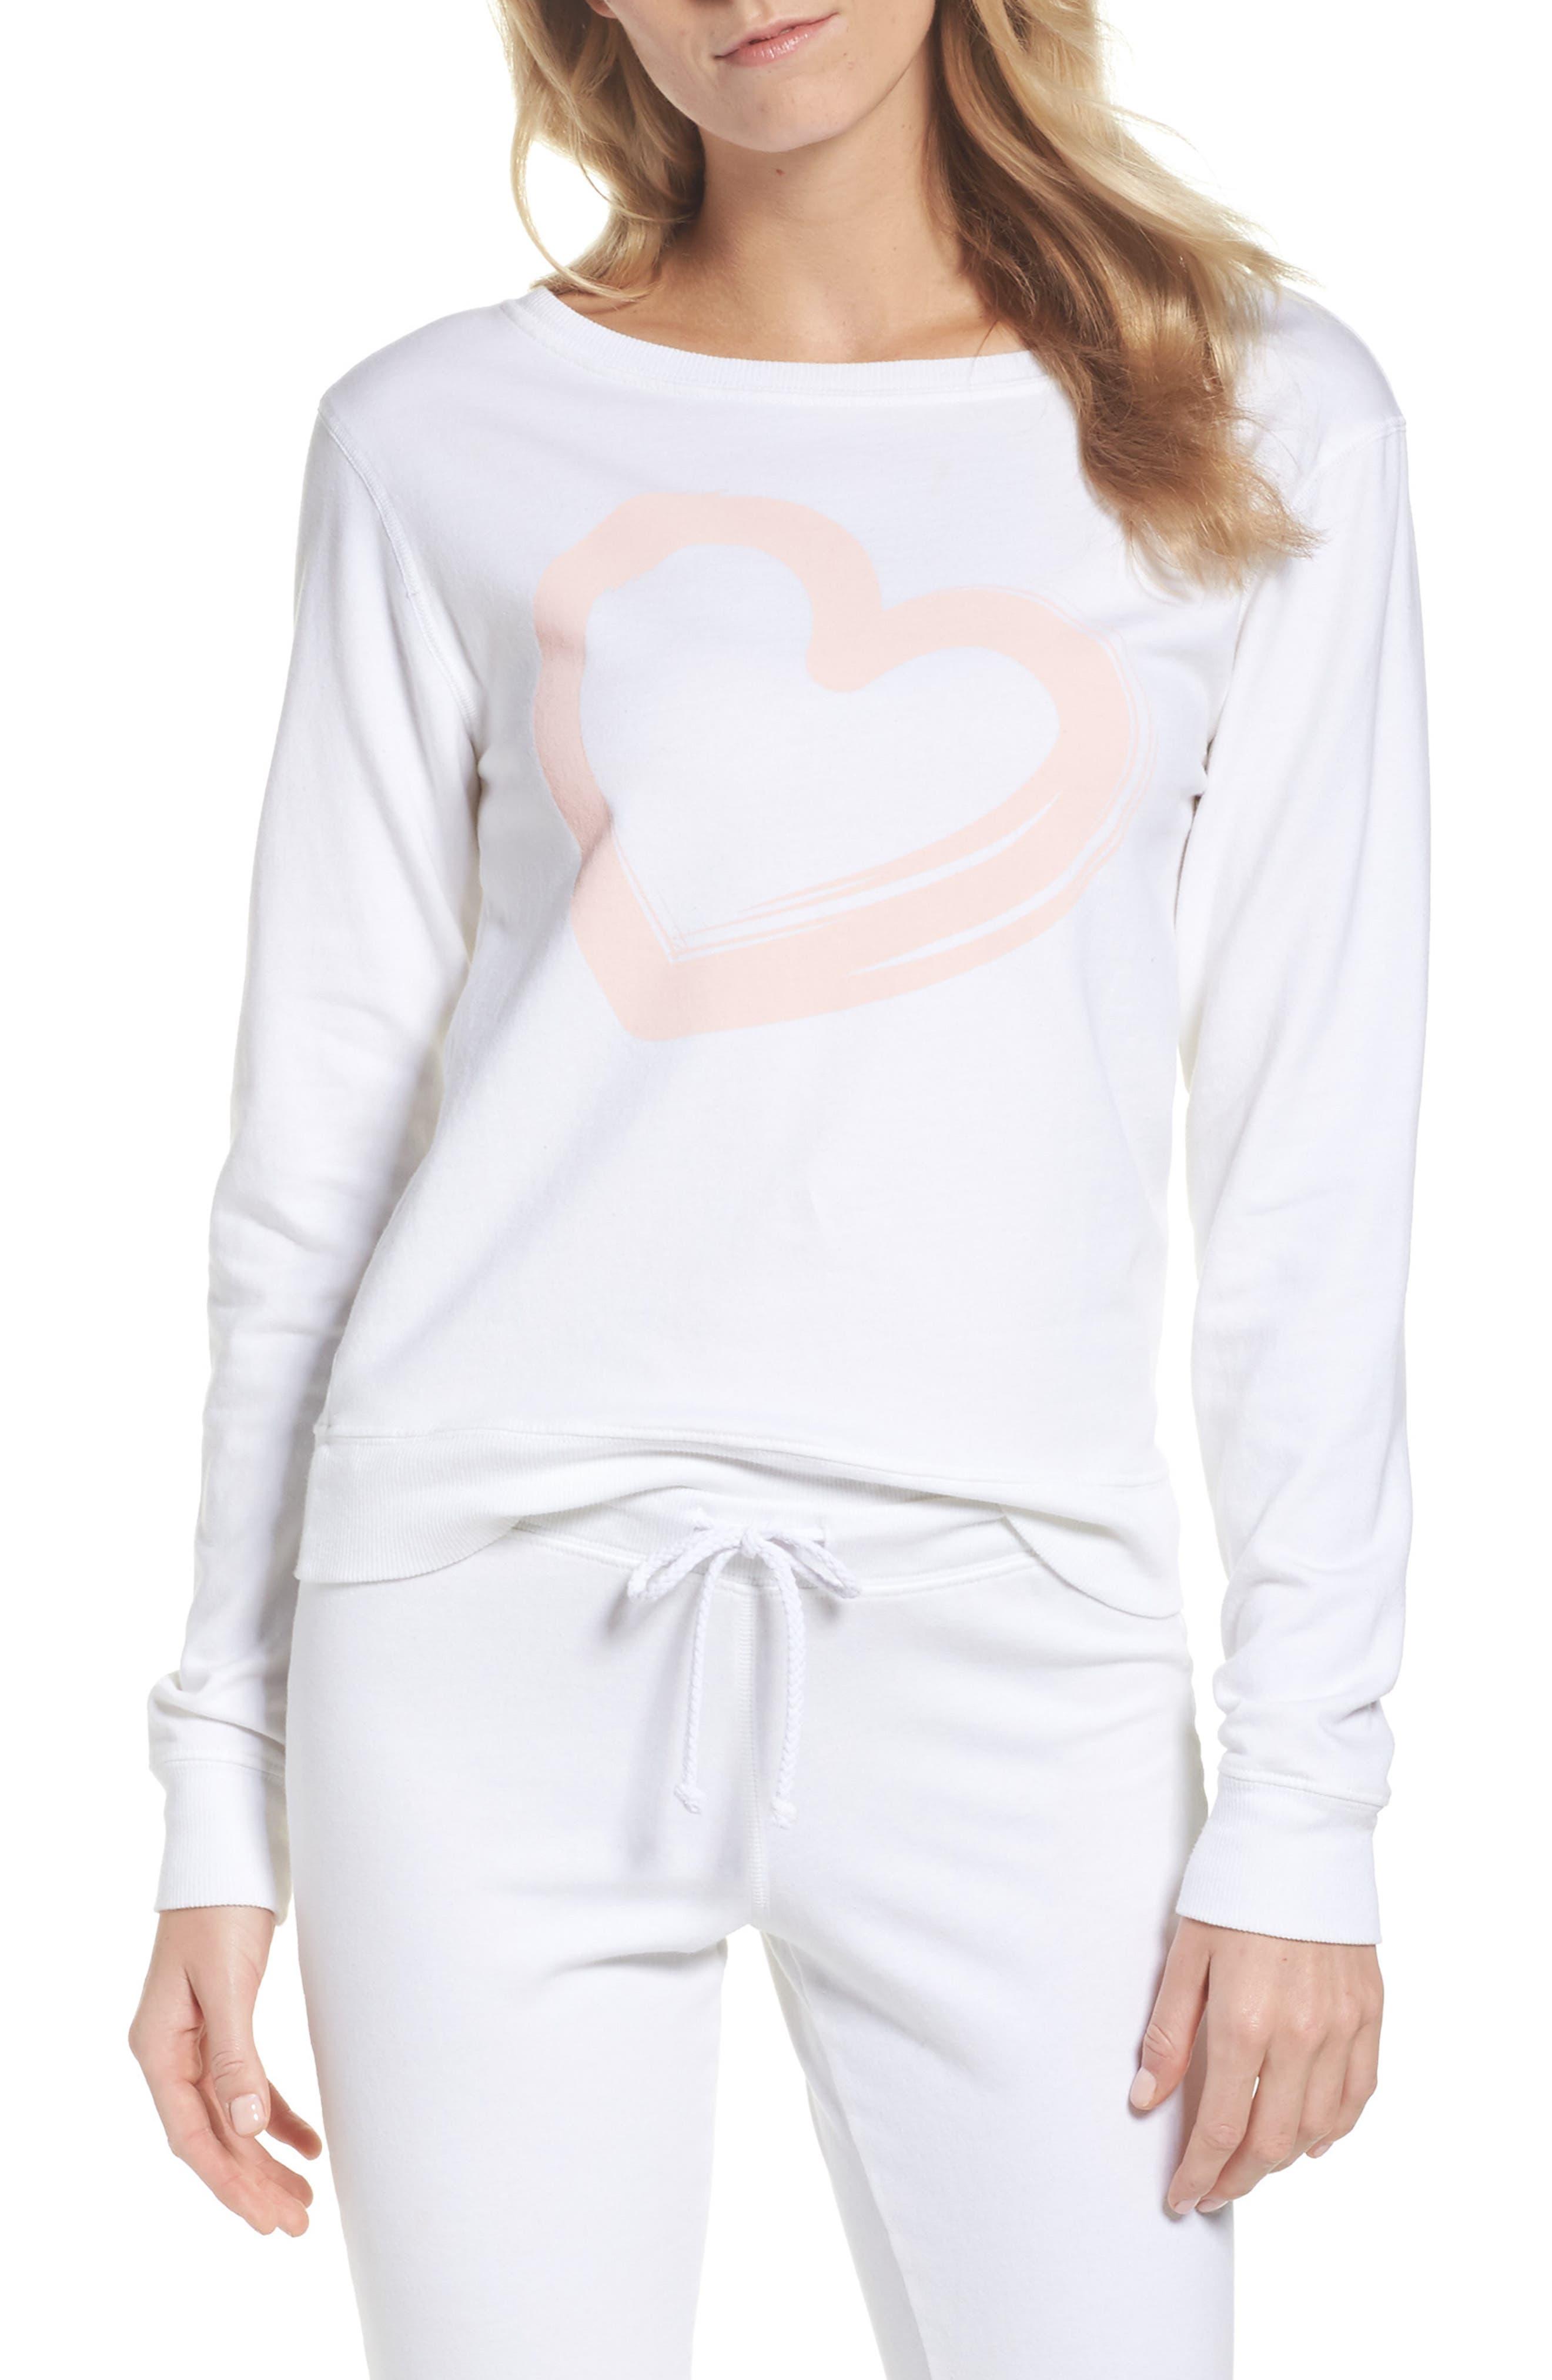 Lordes Fuzzy Fleece Sweatshirt,                         Main,                         color, 100